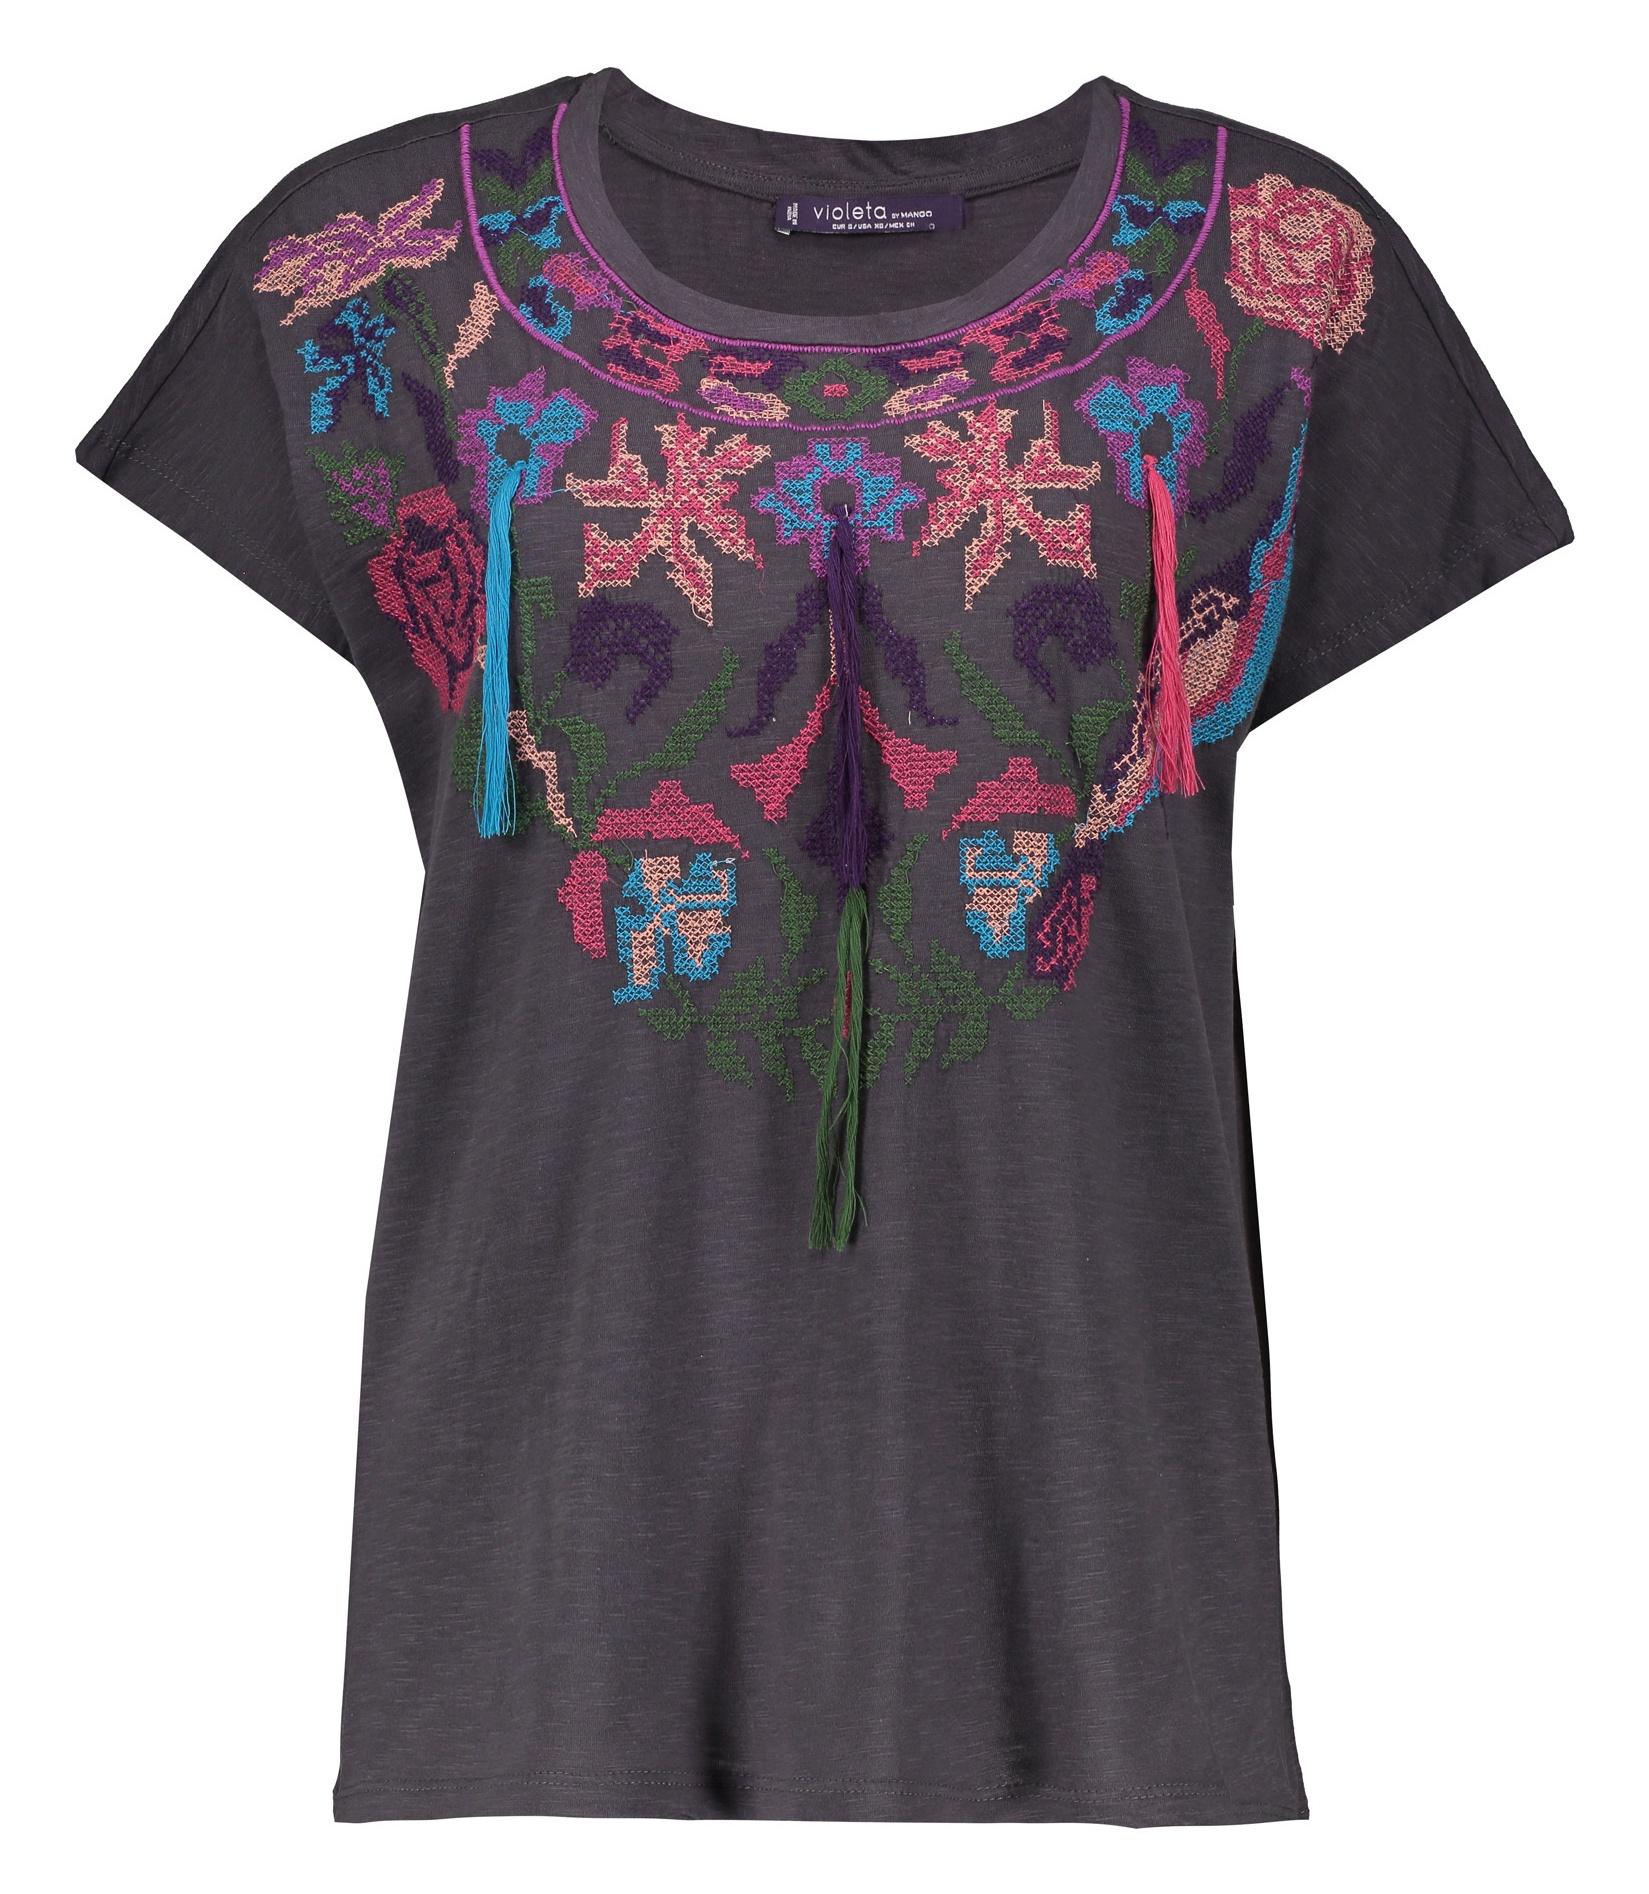 تی شرت نخی یقه گرد زنانه - ویولتا بای مانگو - طوسی - 1